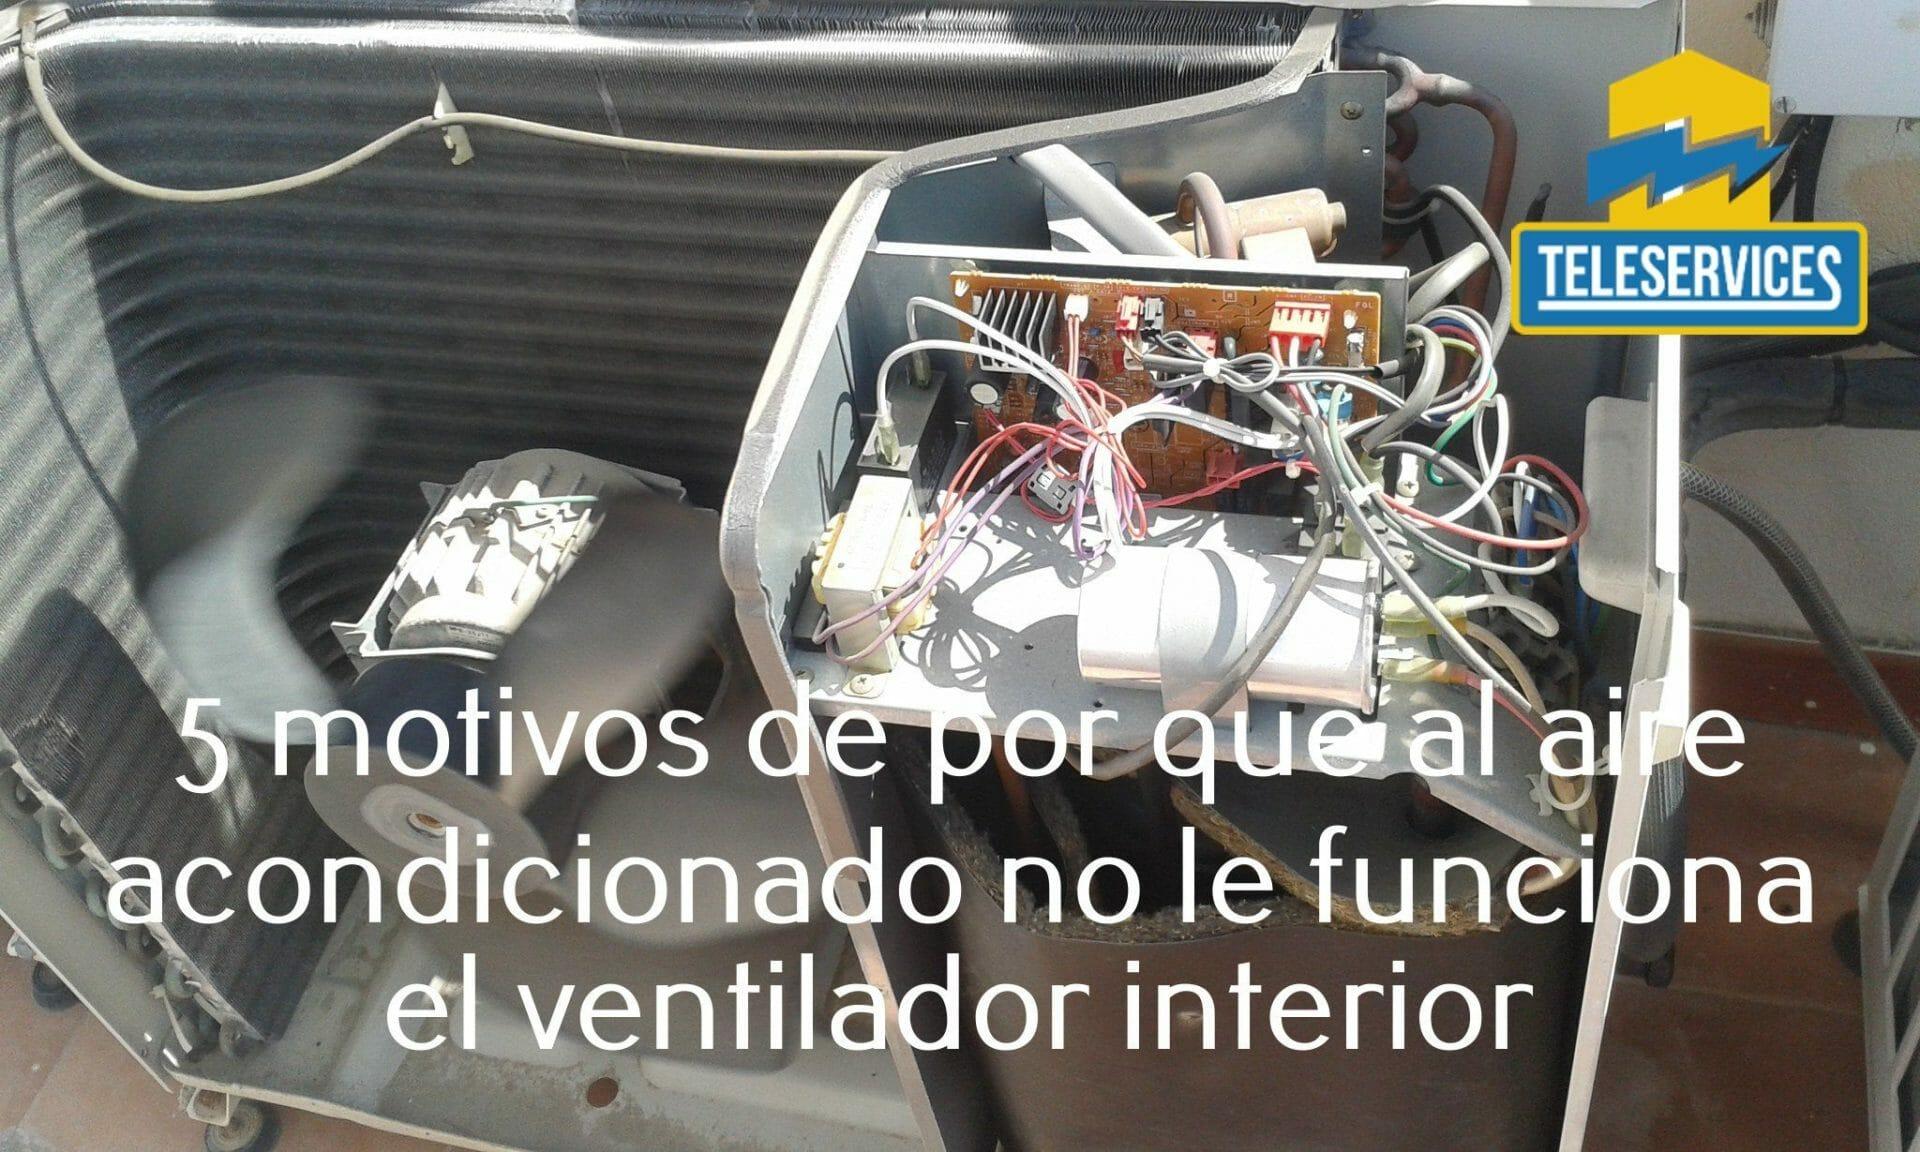 aire acondicionado no funciona ventilador interior